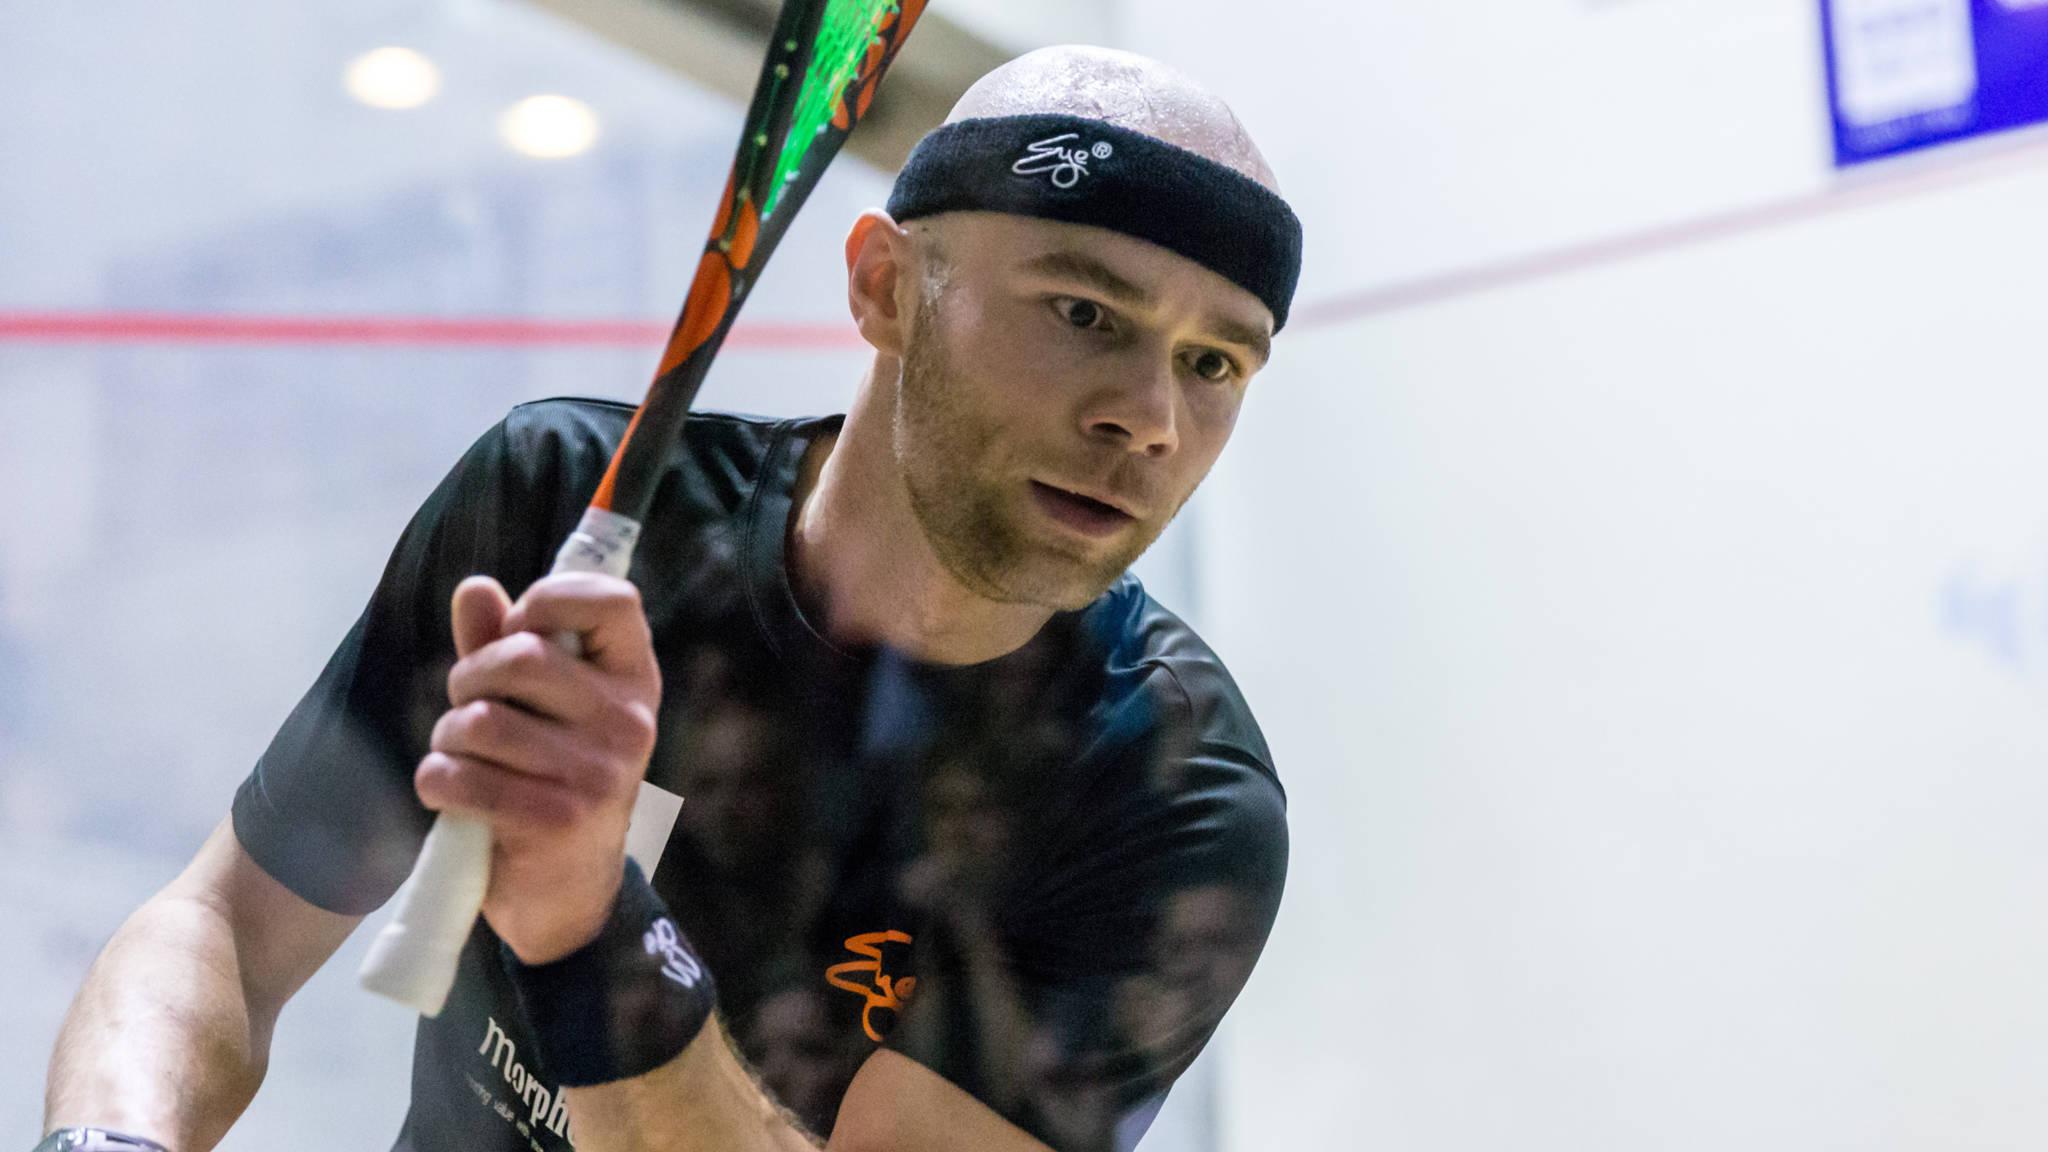 EYE Tour verheugd met deelname Piedro Schweertman bij PSA Squash Delft